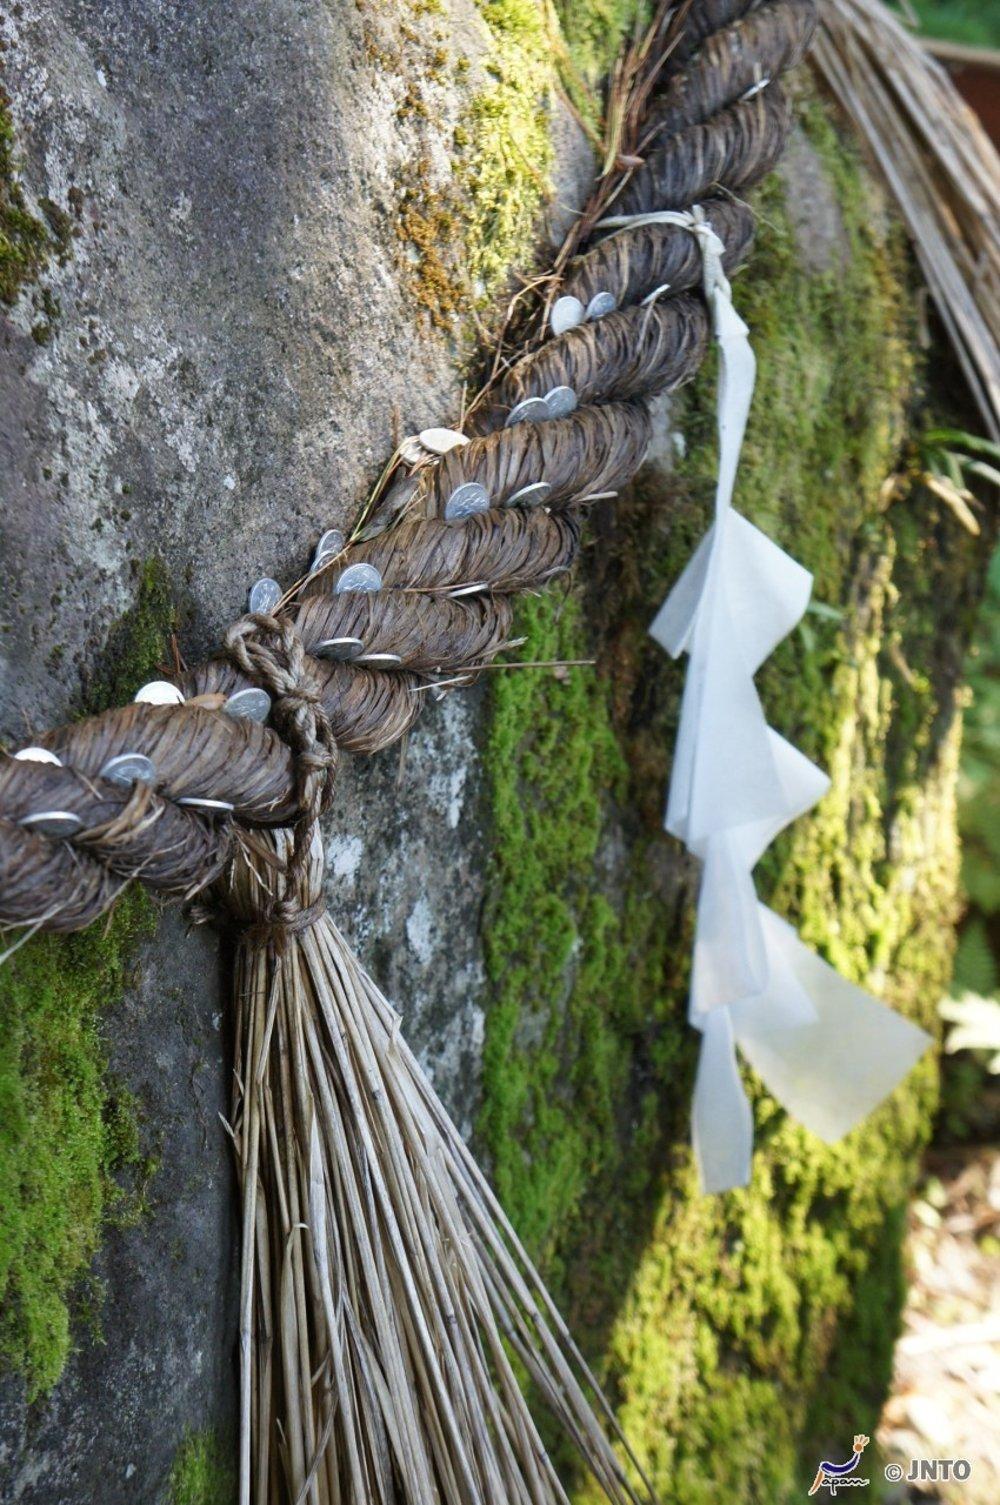 Cestu ku svätyni Ideha na hore Haguro lemujú zahodené mince, ako znak vzdania sa majetku.